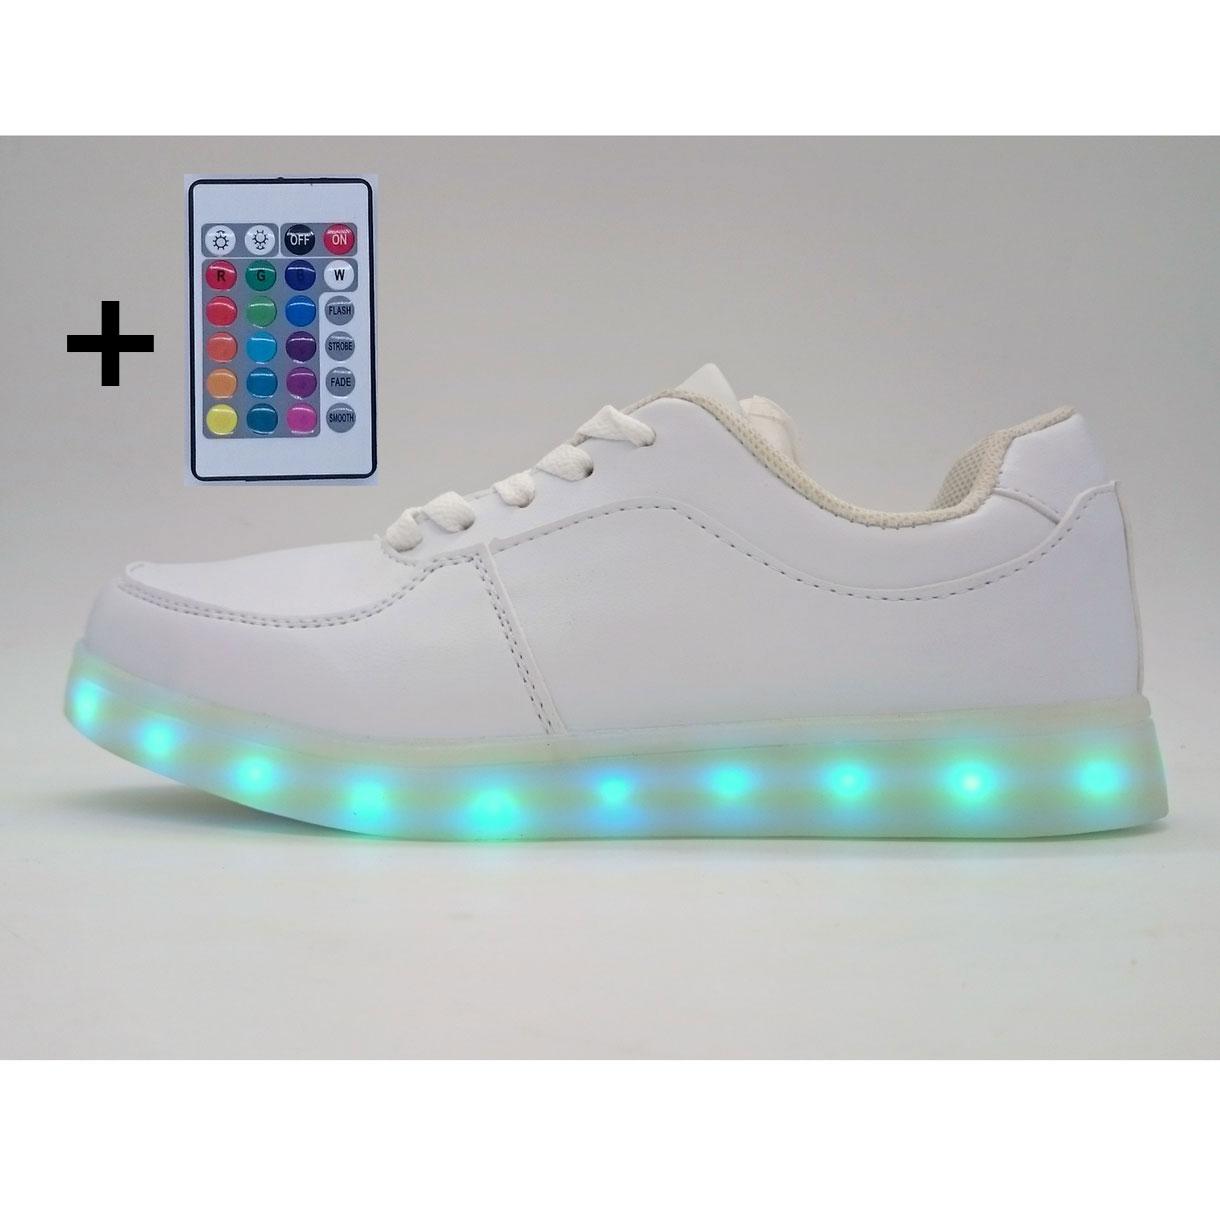 e962412b Низкие светящиеся кроссовки с пультом, купить низкие кроссовки со ...